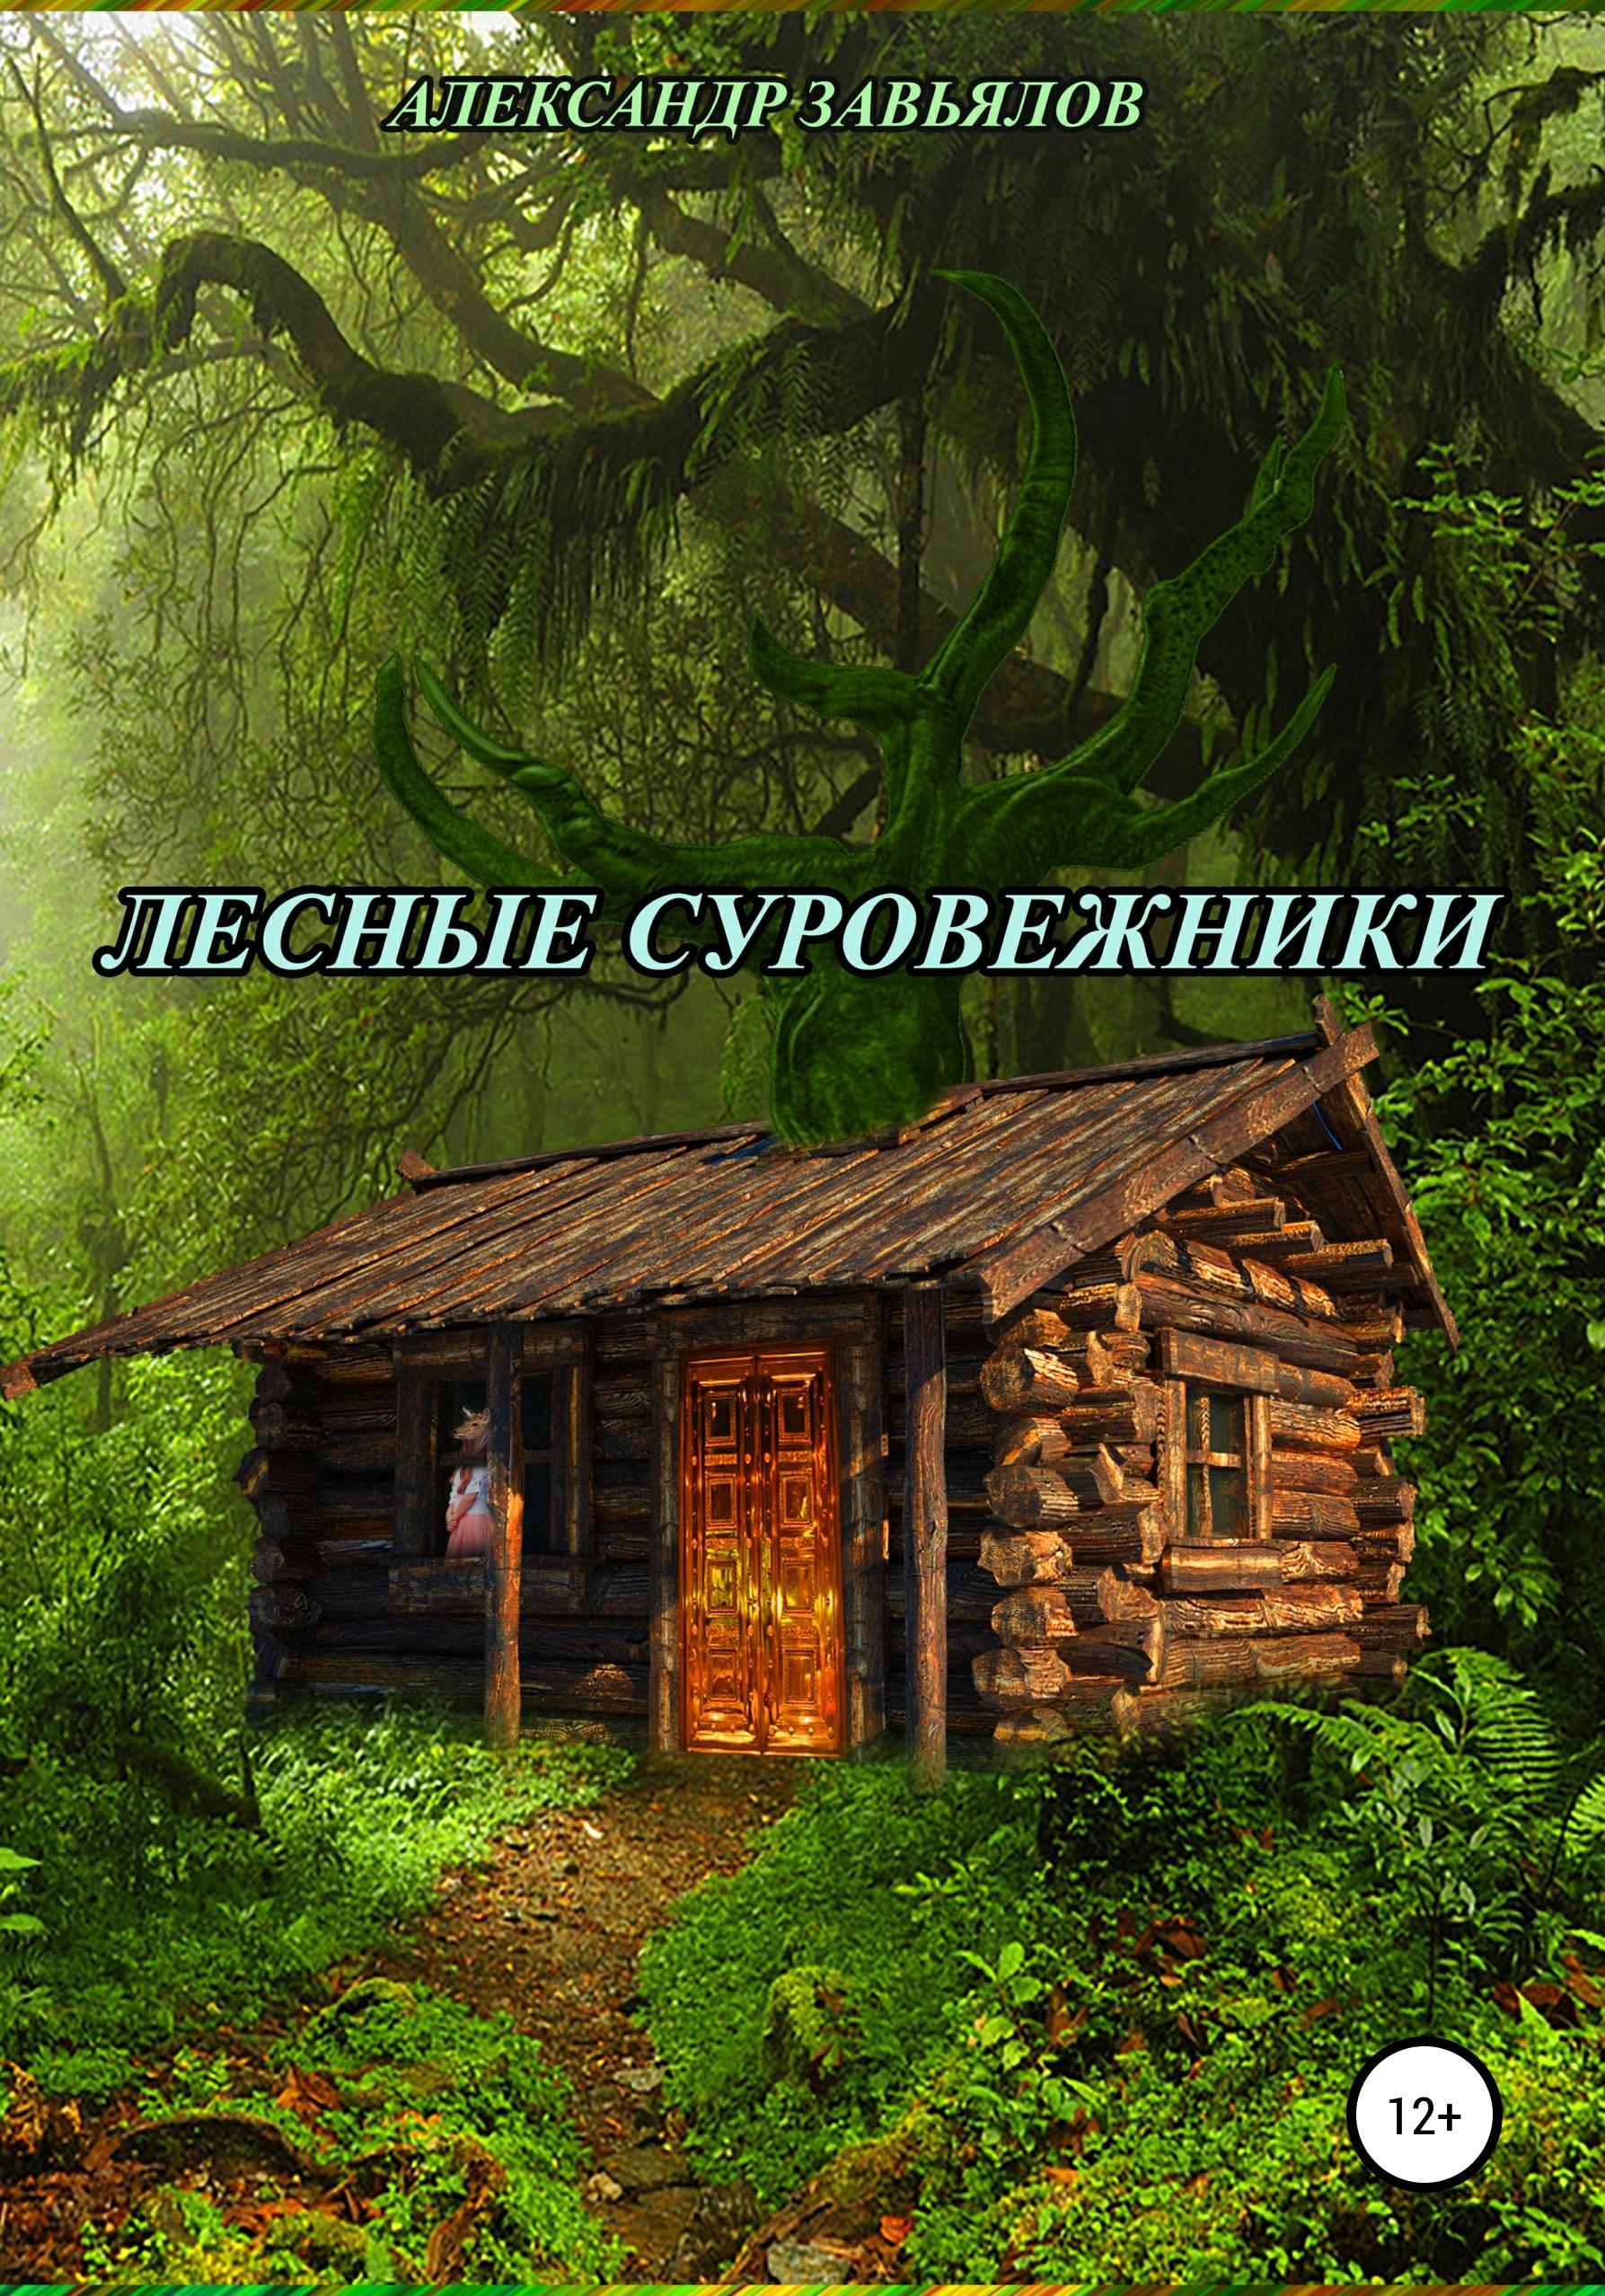 Александр Николаевич Завьялов Лесные суровежники александр николаевич завьялов написано лапой и хвостом